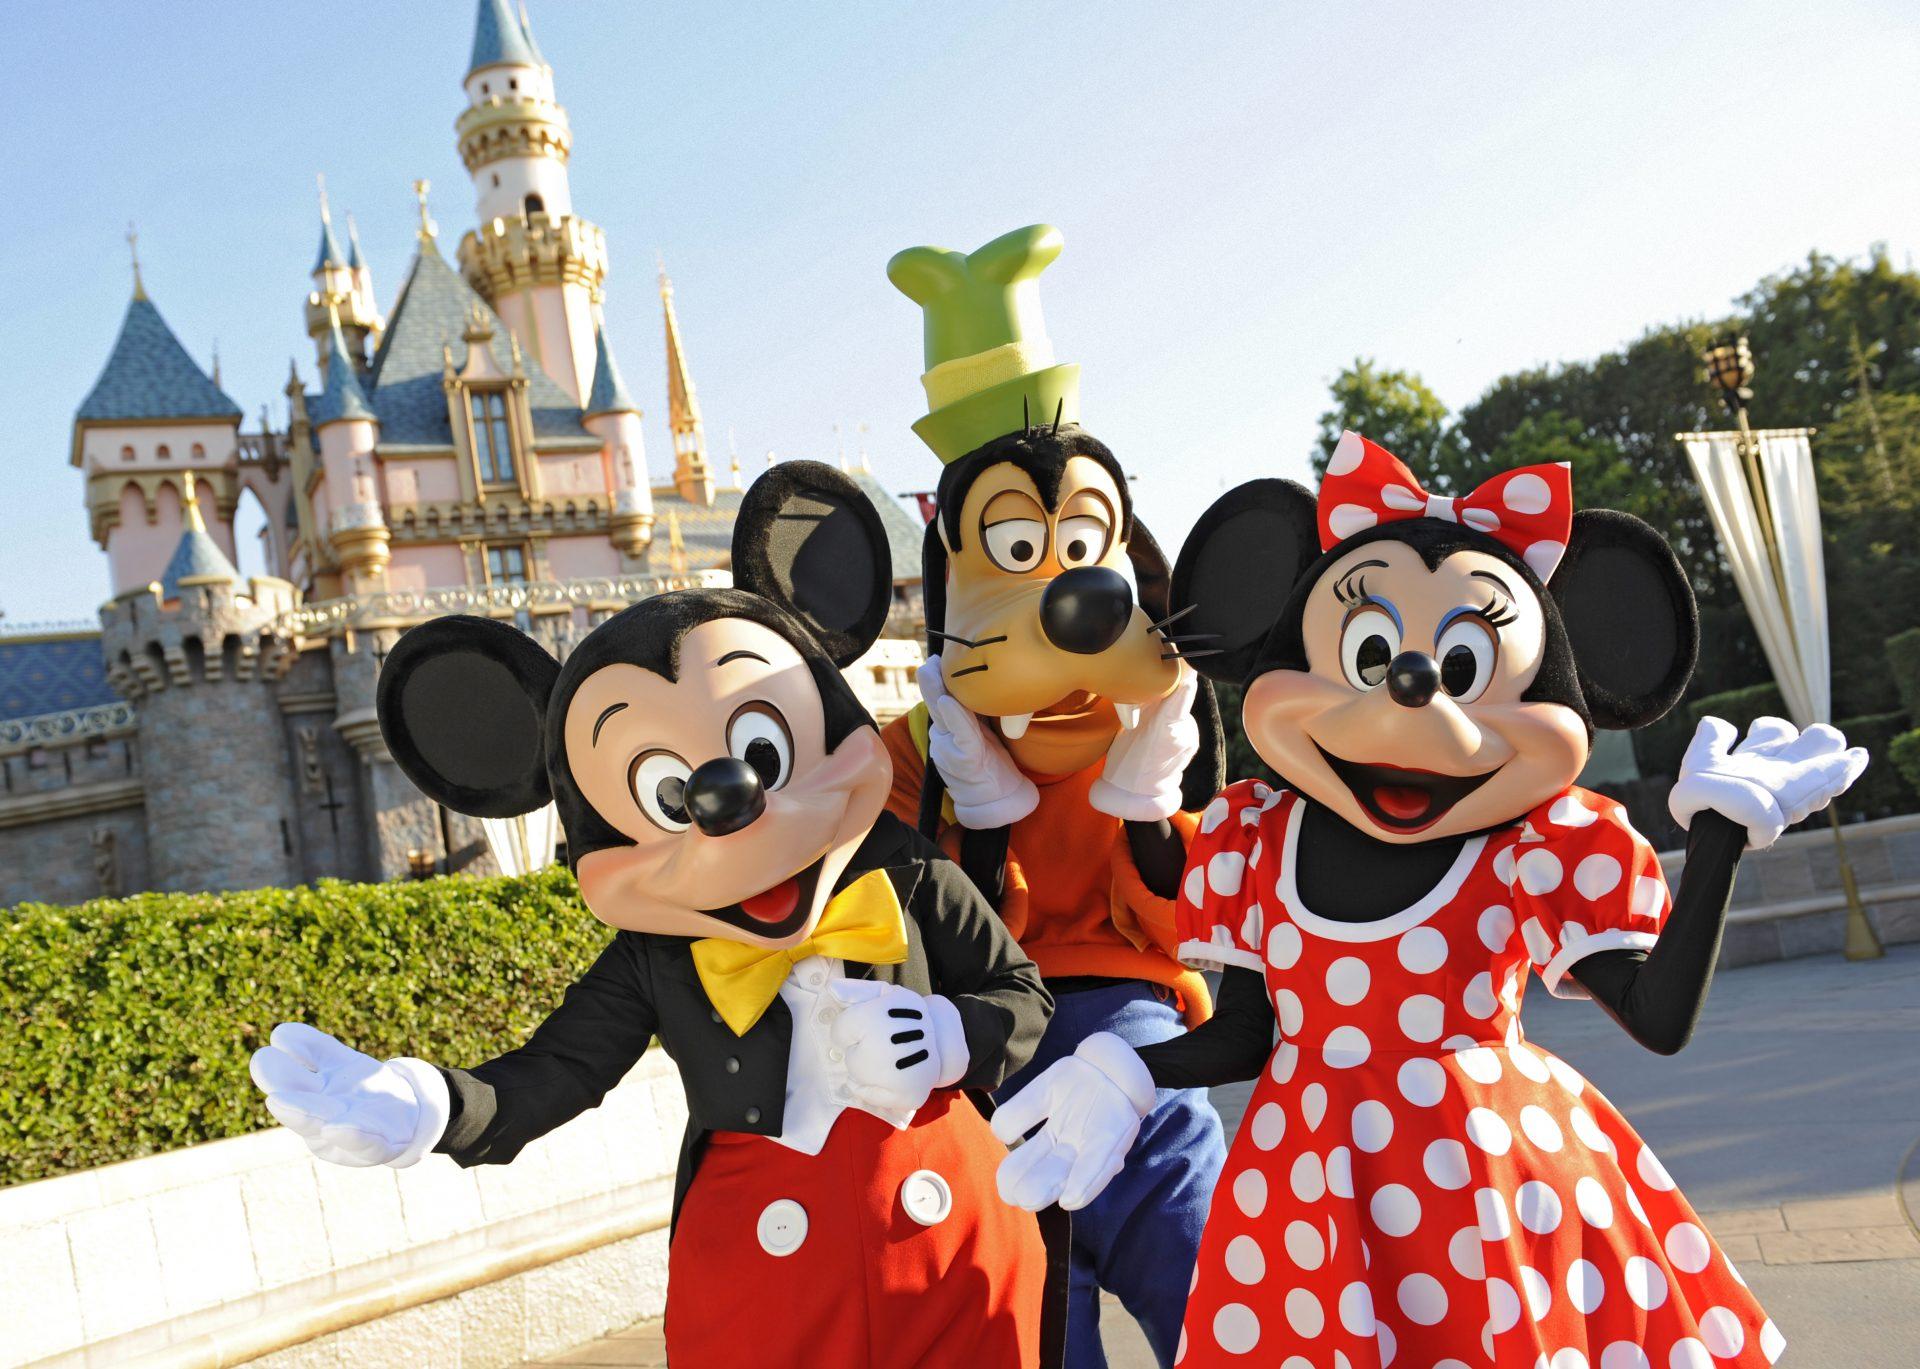 Visitar a Disneyland é o sonho de adultos e crianças (Foto: Disney/Divulgação)